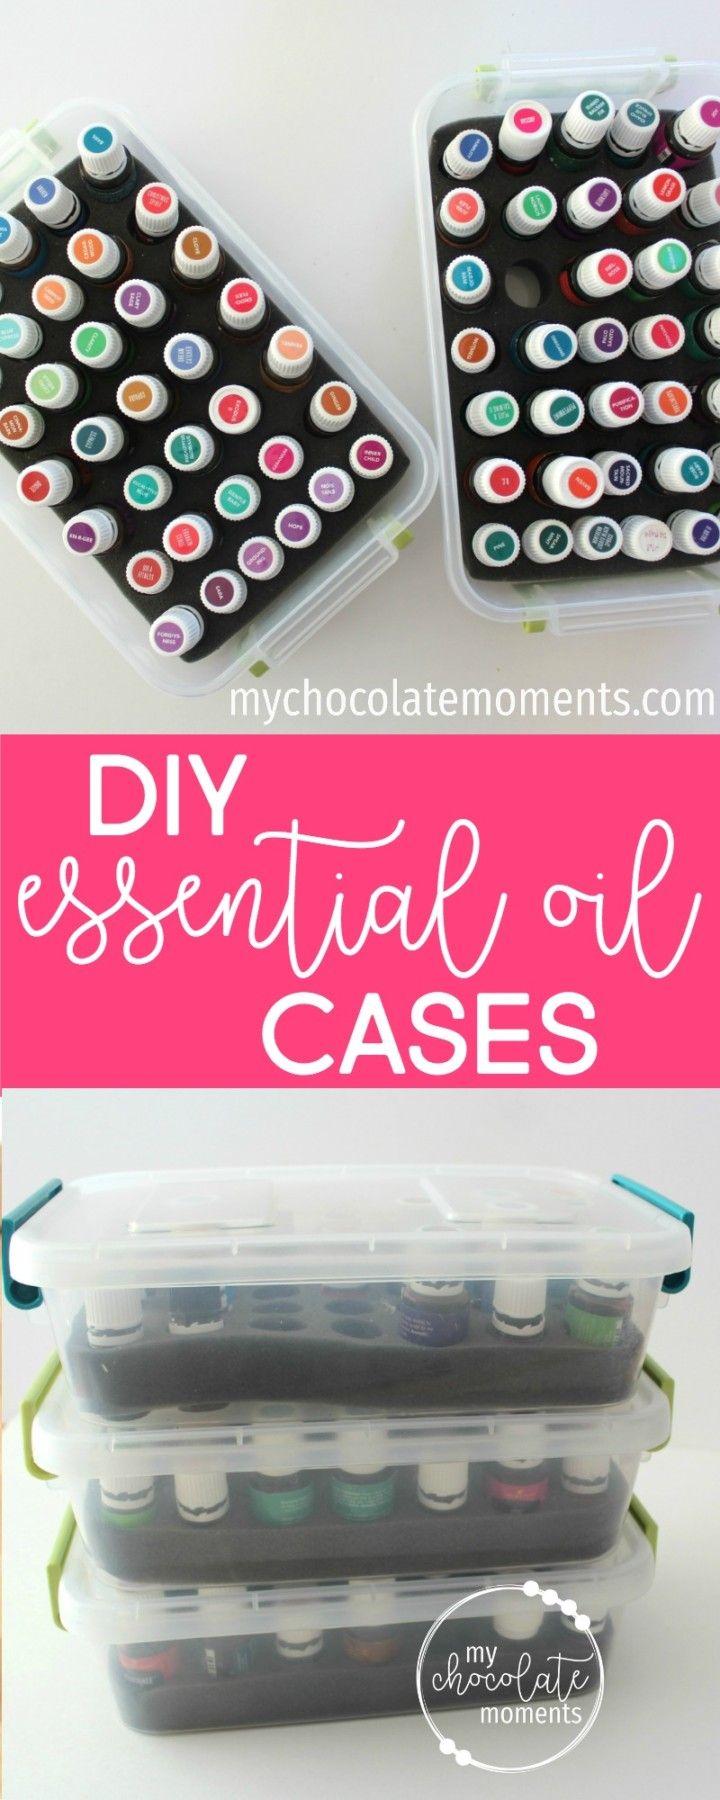 DIY essential oil storage cases